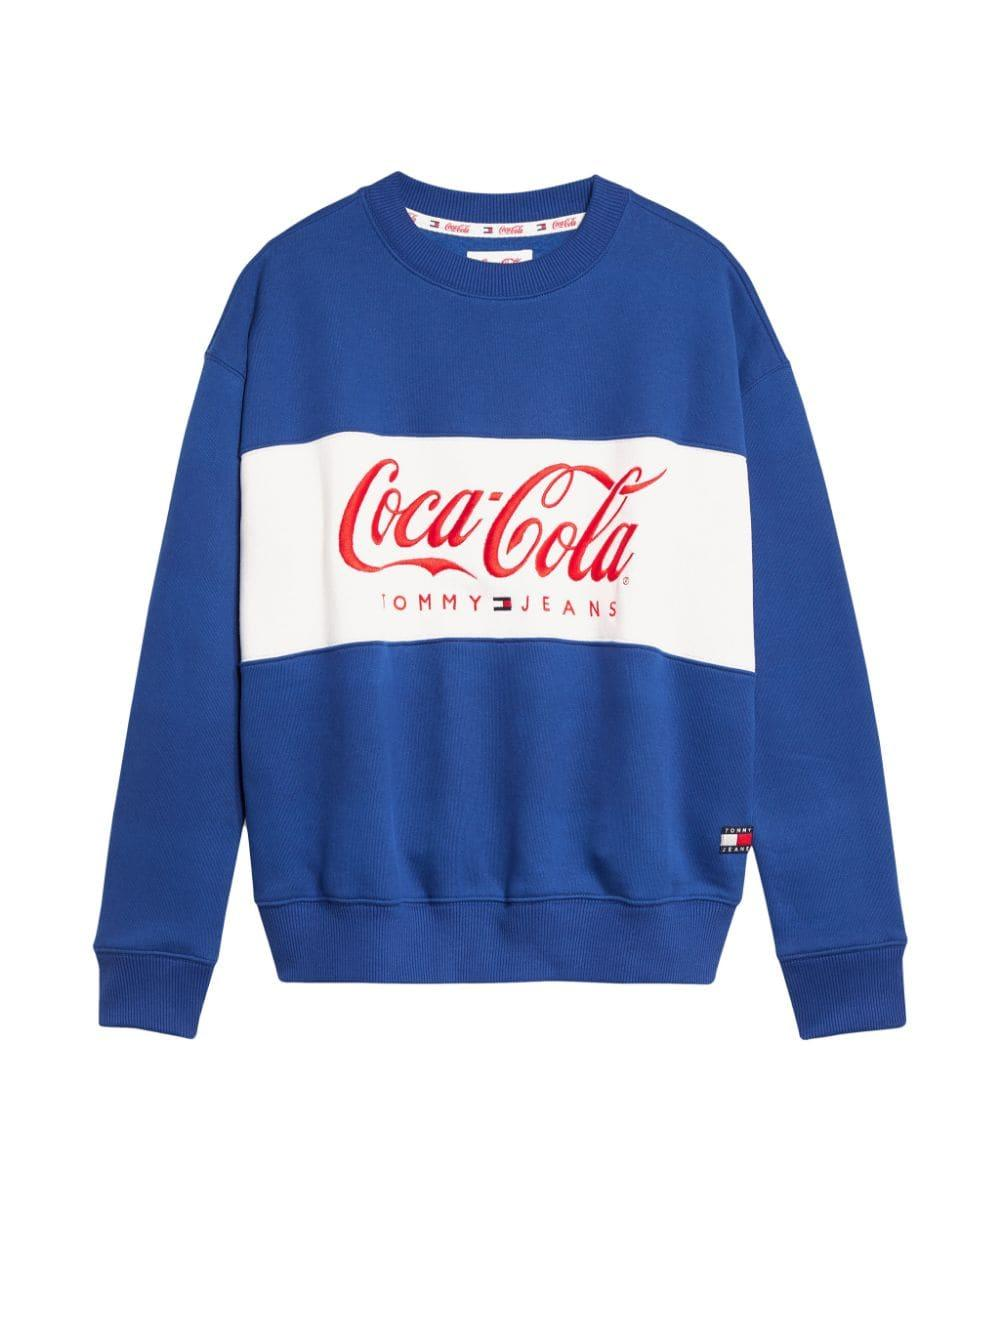 e354e50c1e5 Tommy Hilfiger X Coca Cola Logo Embroidered Sweatshirt in Blue - Lyst